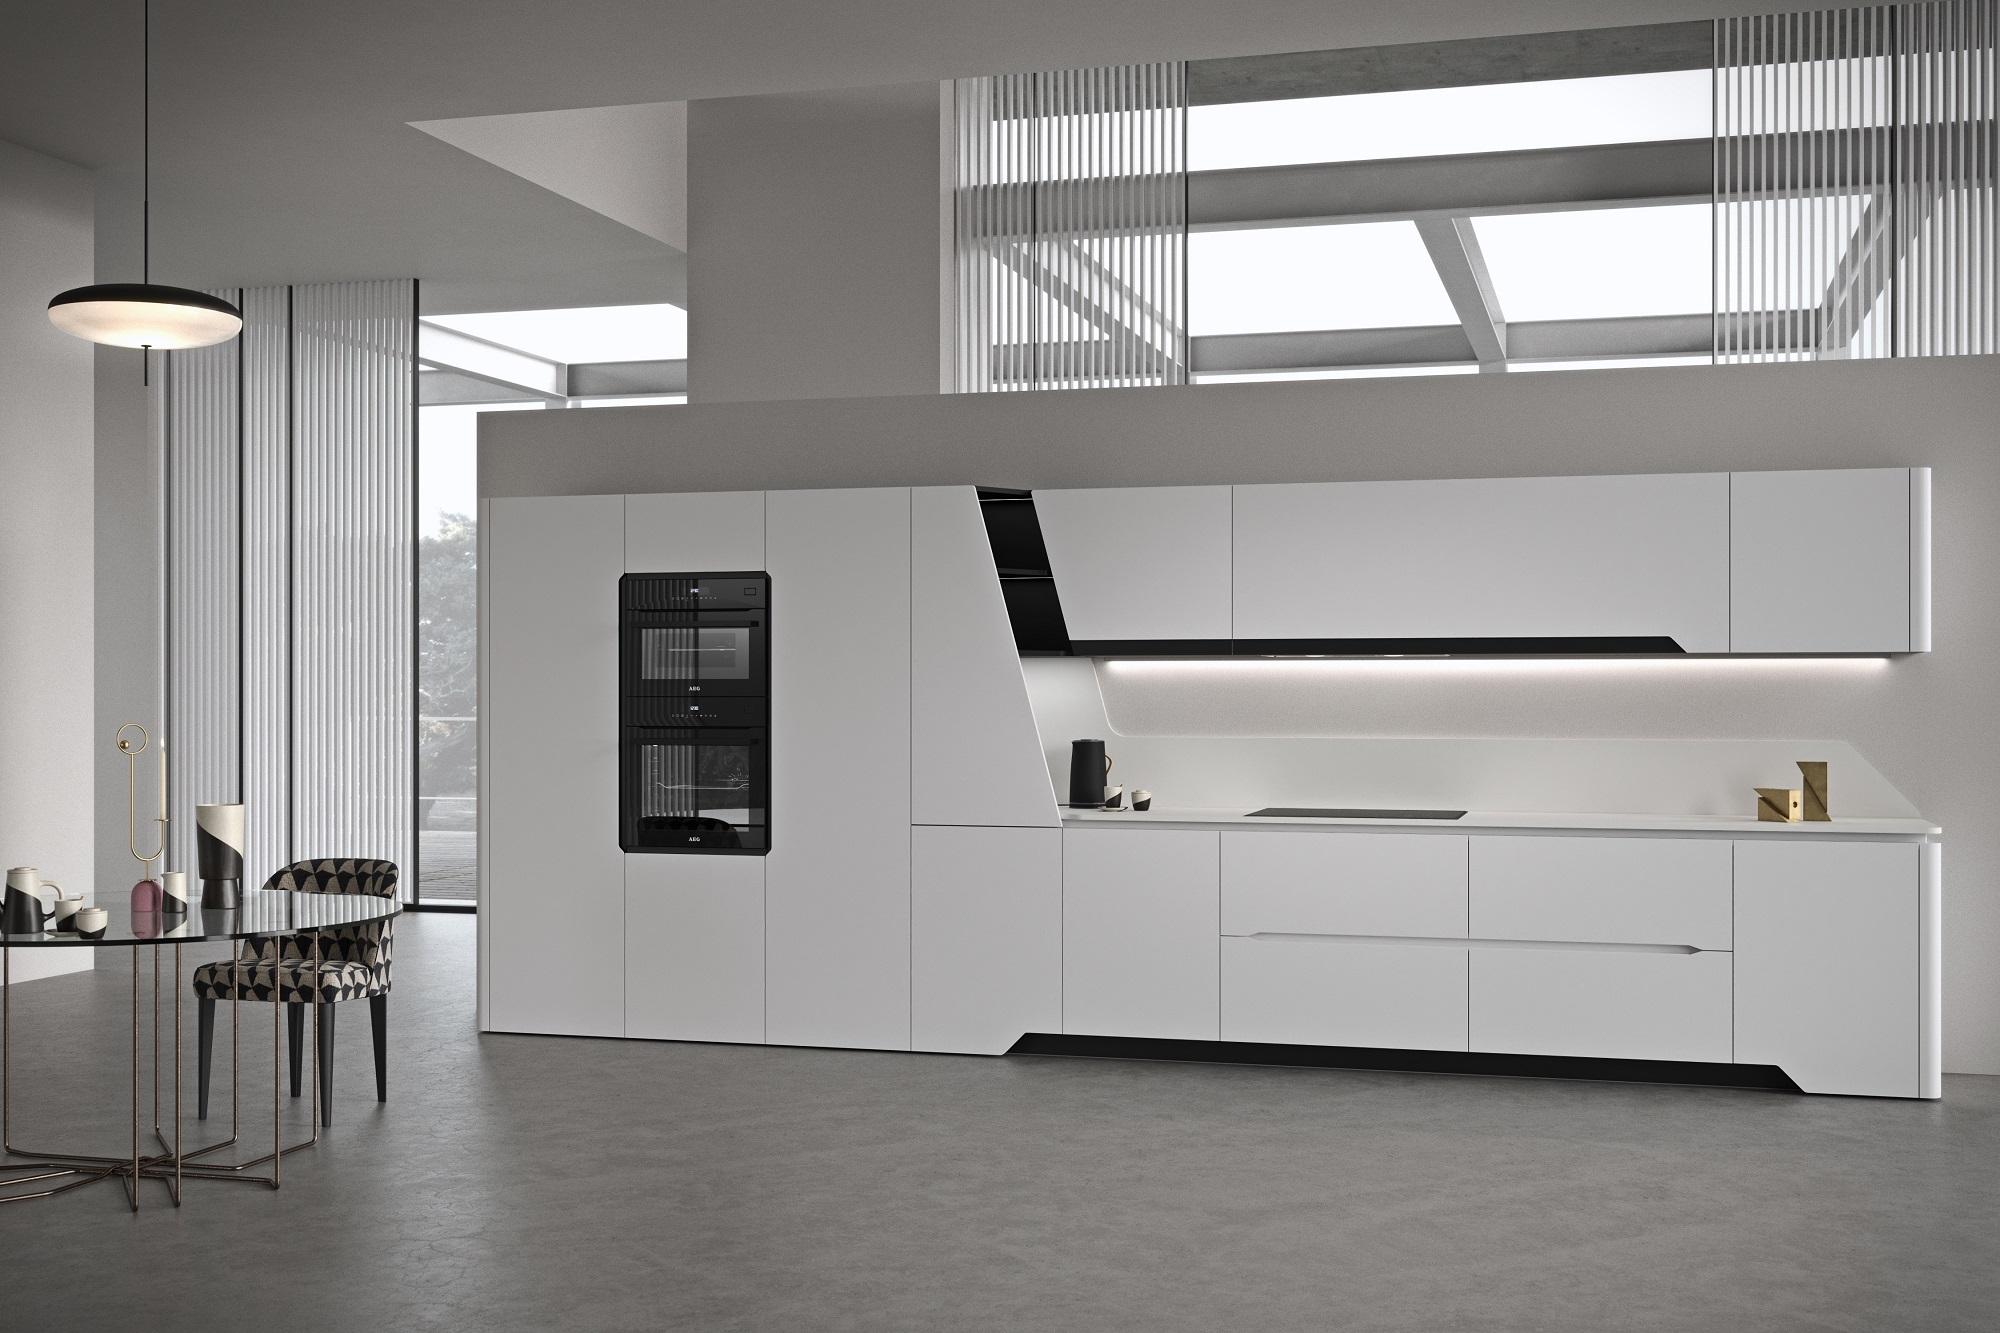 Cucine-moderne-Snaidero-foto-14 – barone arredamenti